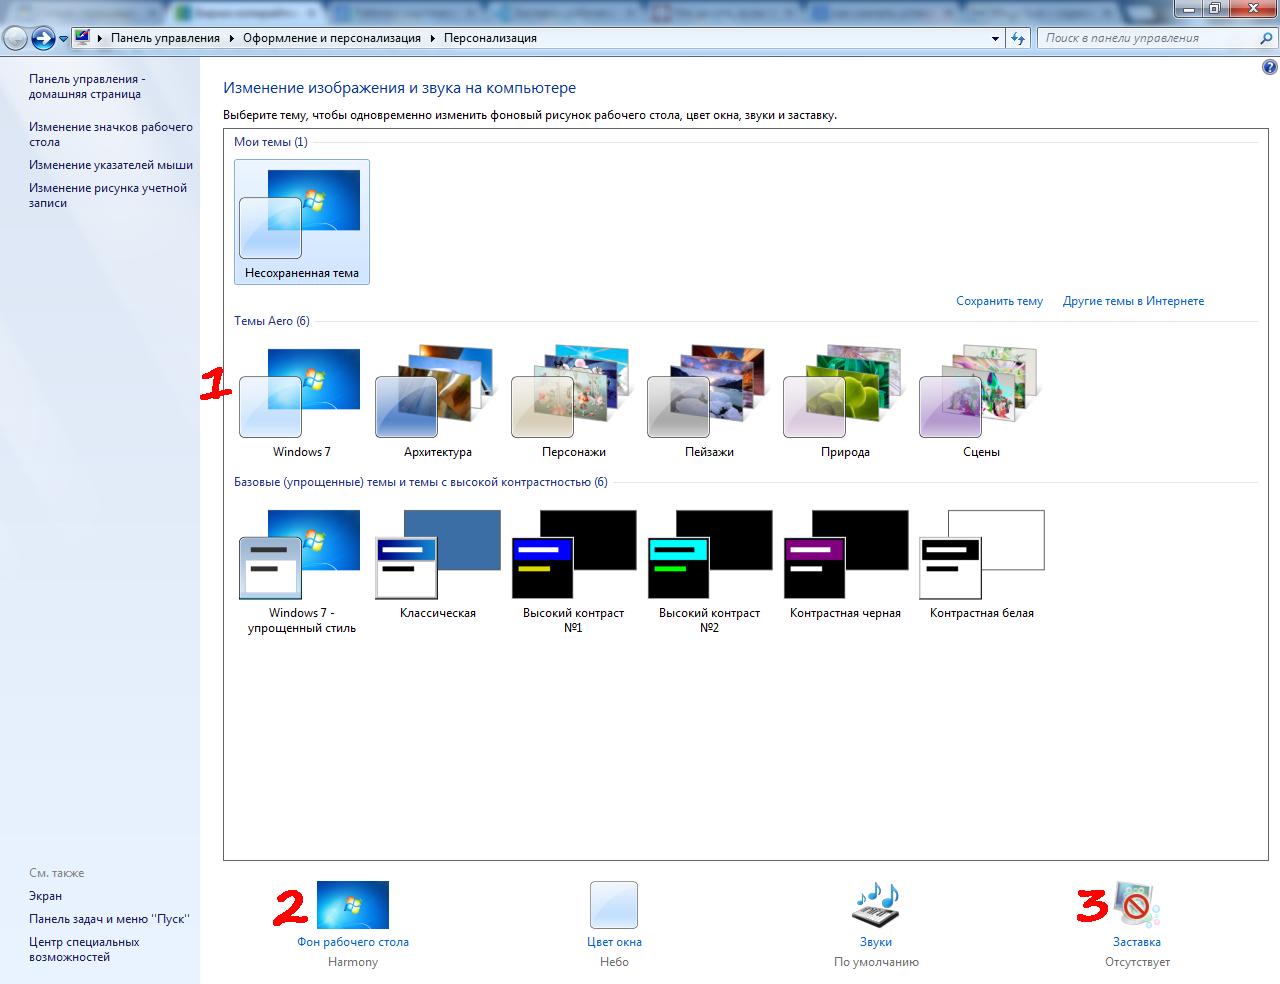 Стандартные картинки на рабочий стол для windows 7